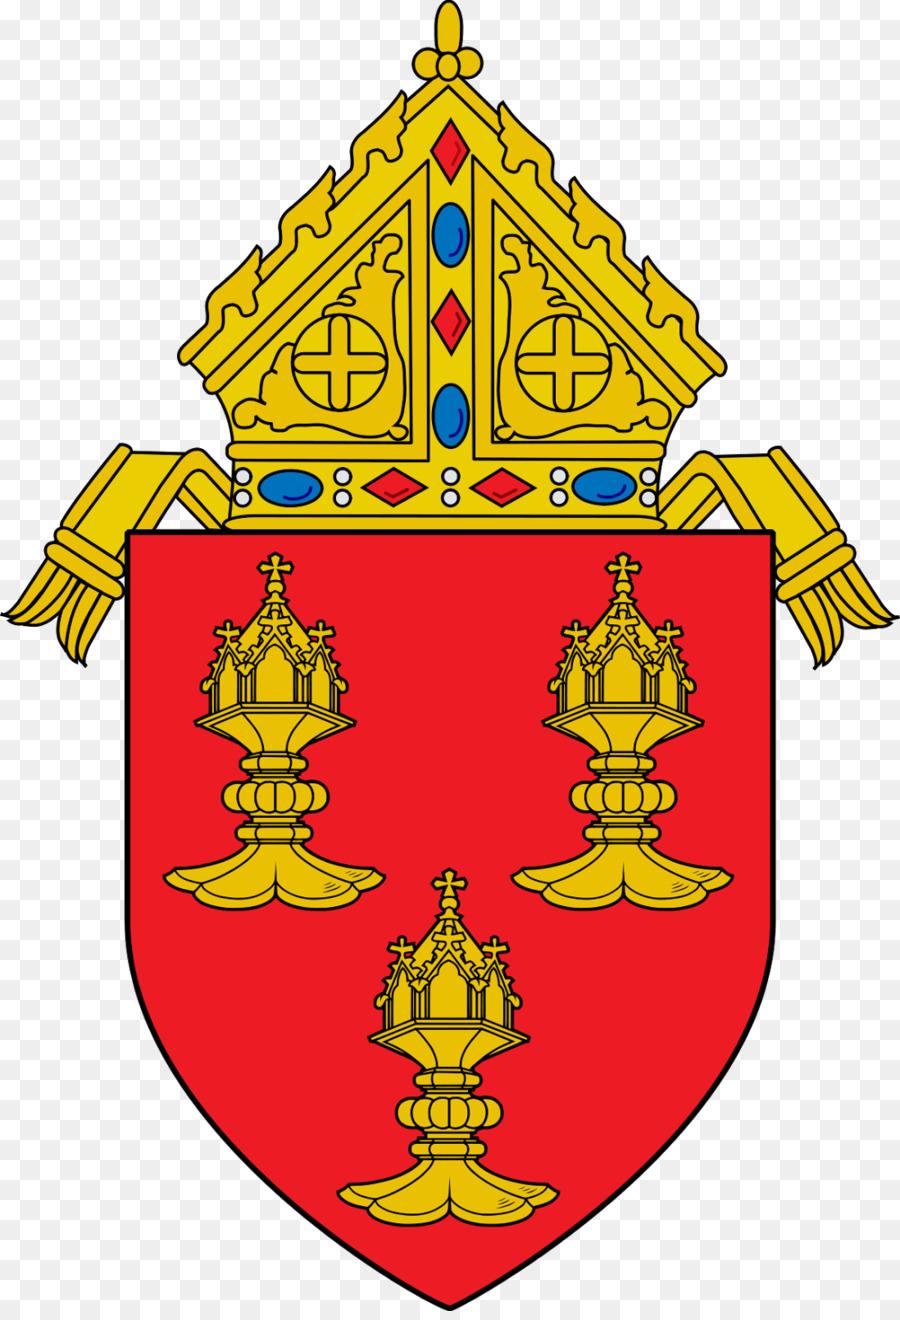 Descarga gratuita de Católica De La Diócesis De Rockford, Diócesis De Toledo, Diócesis De Wheelingcharleston imágenes PNG